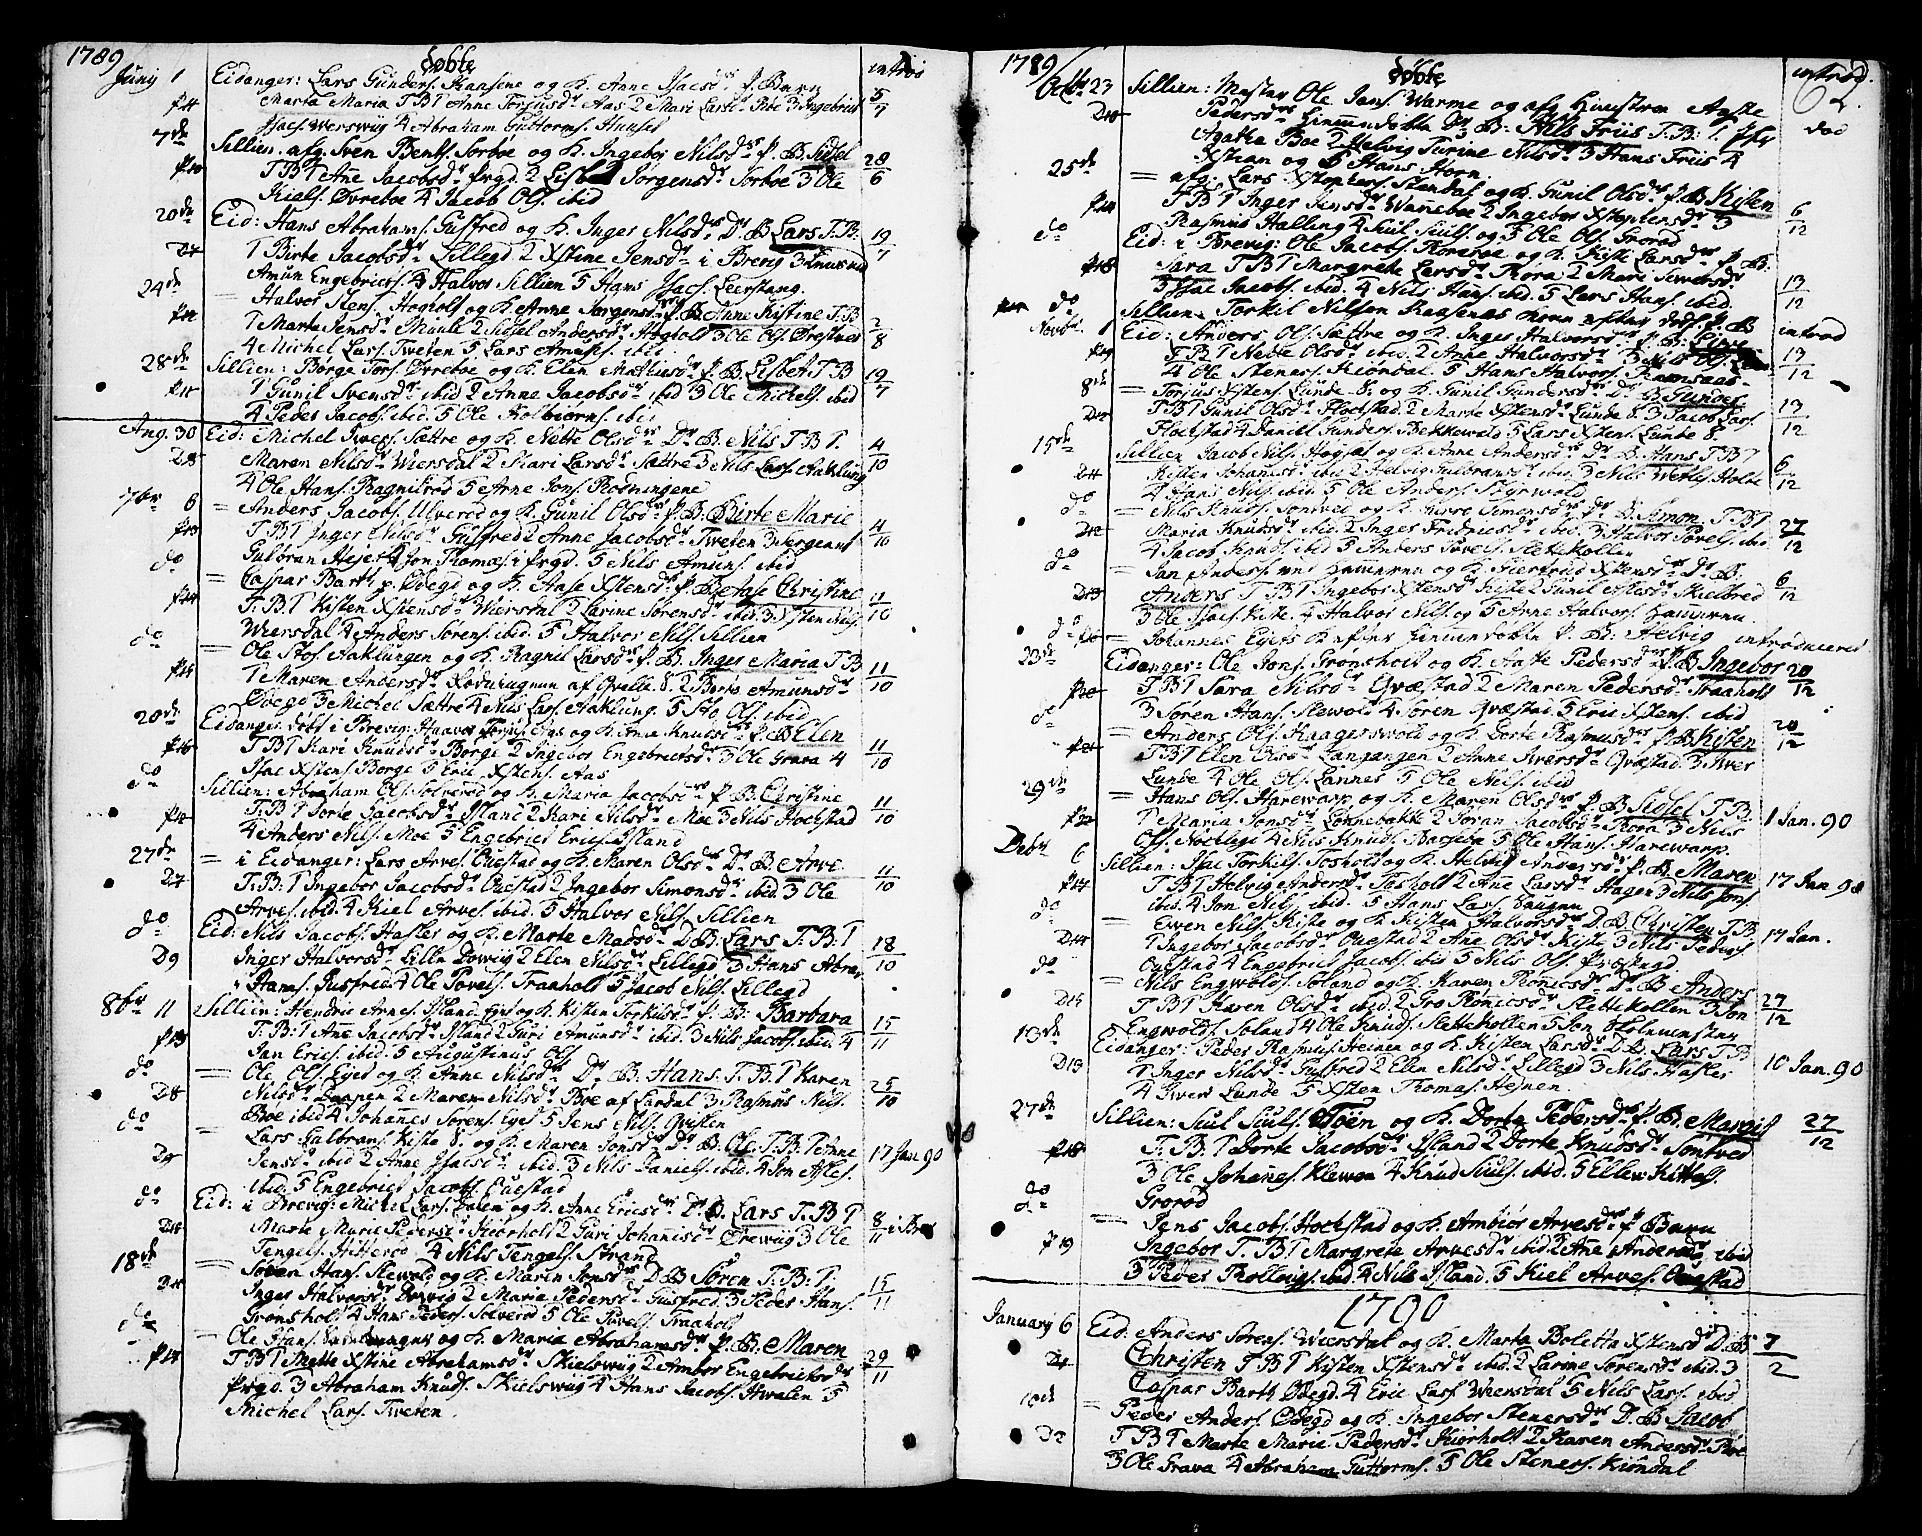 SAKO, Eidanger kirkebøker, F/Fa/L0006: Ministerialbok nr. 6, 1764-1814, s. 62